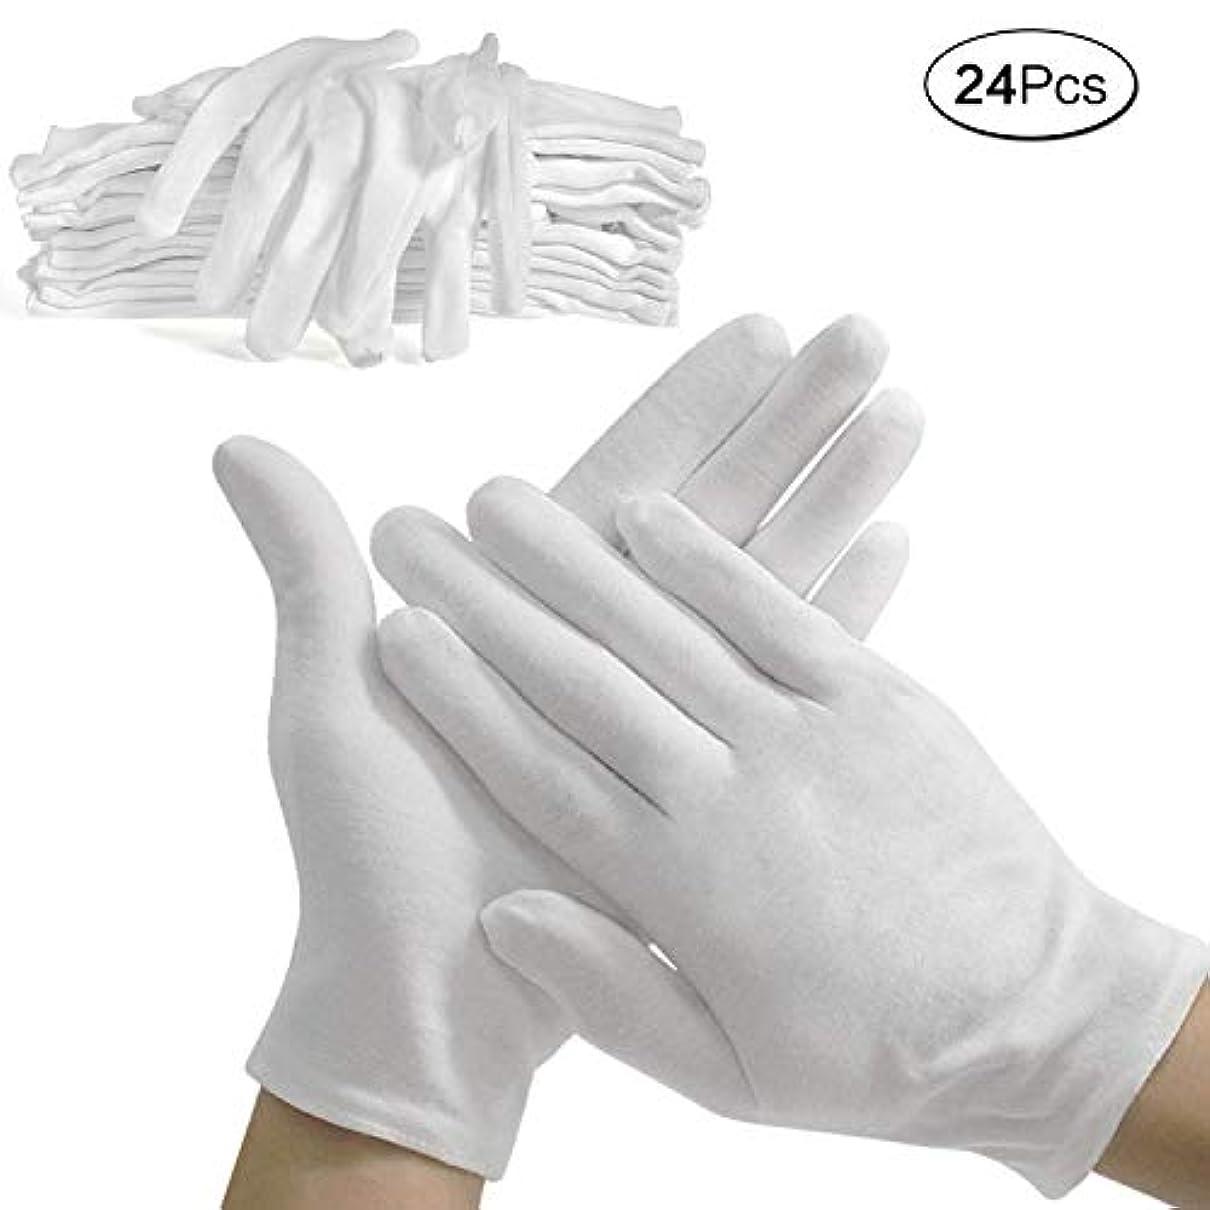 ために失望させる視線使い捨て手袋 綿手袋 コットン手袋 純綿100% 薄手 白手袋 メンズ レディース 手荒れ防止 おやすみ 湿疹用 乾燥肌用 保湿用 礼装用 作業用 24PCS(白, L)